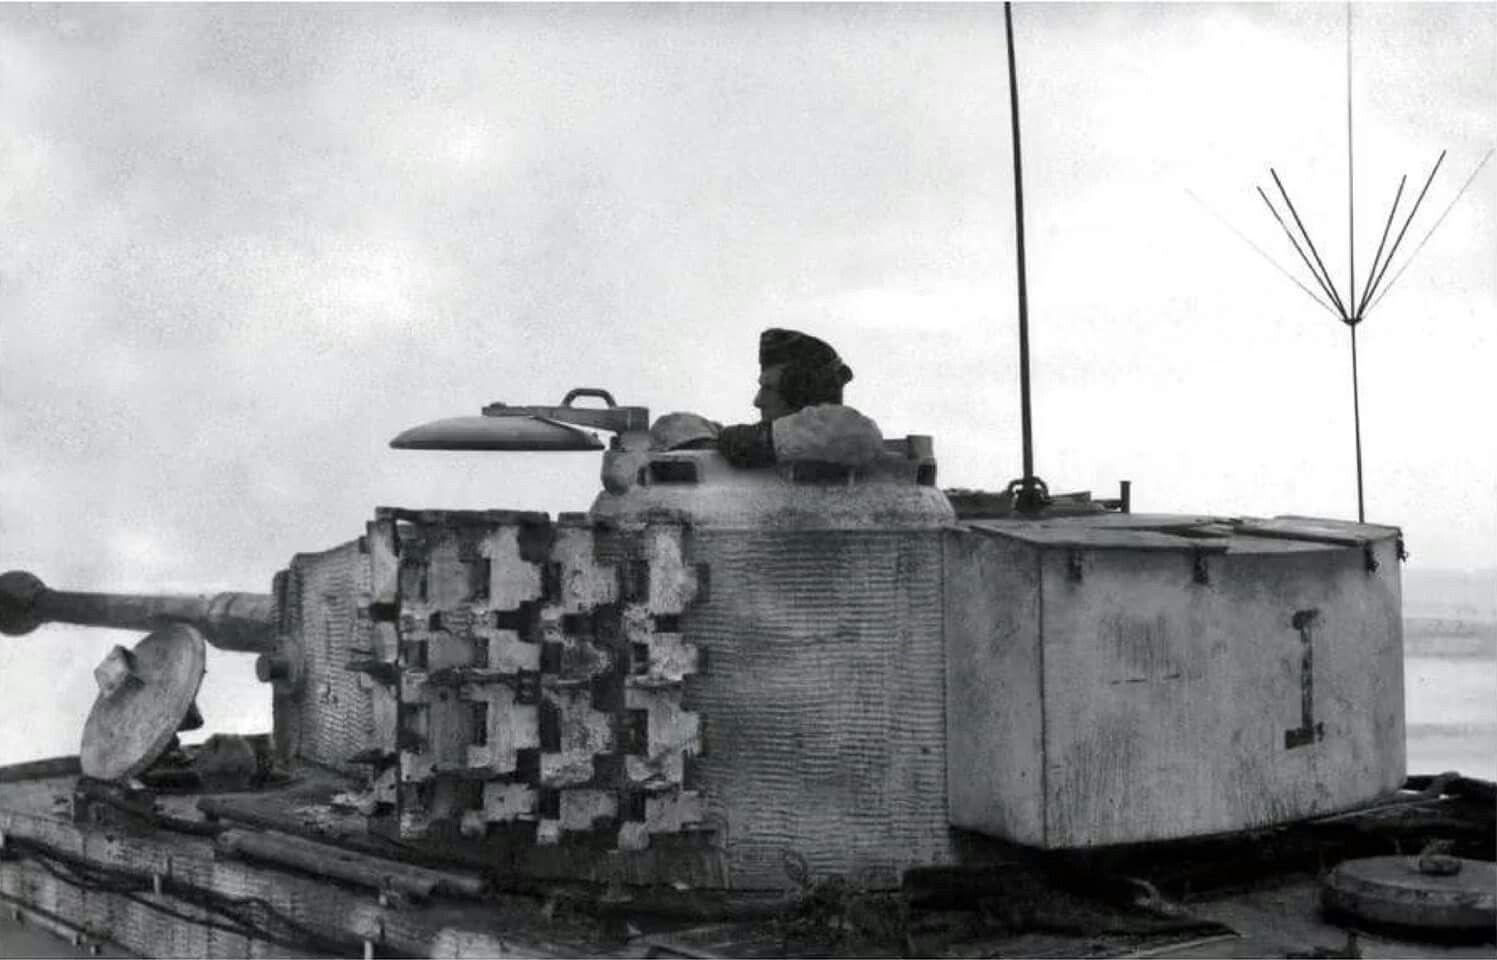 Major Clemens Graf von Kageneck in the turret of his Befehls Tiger ...